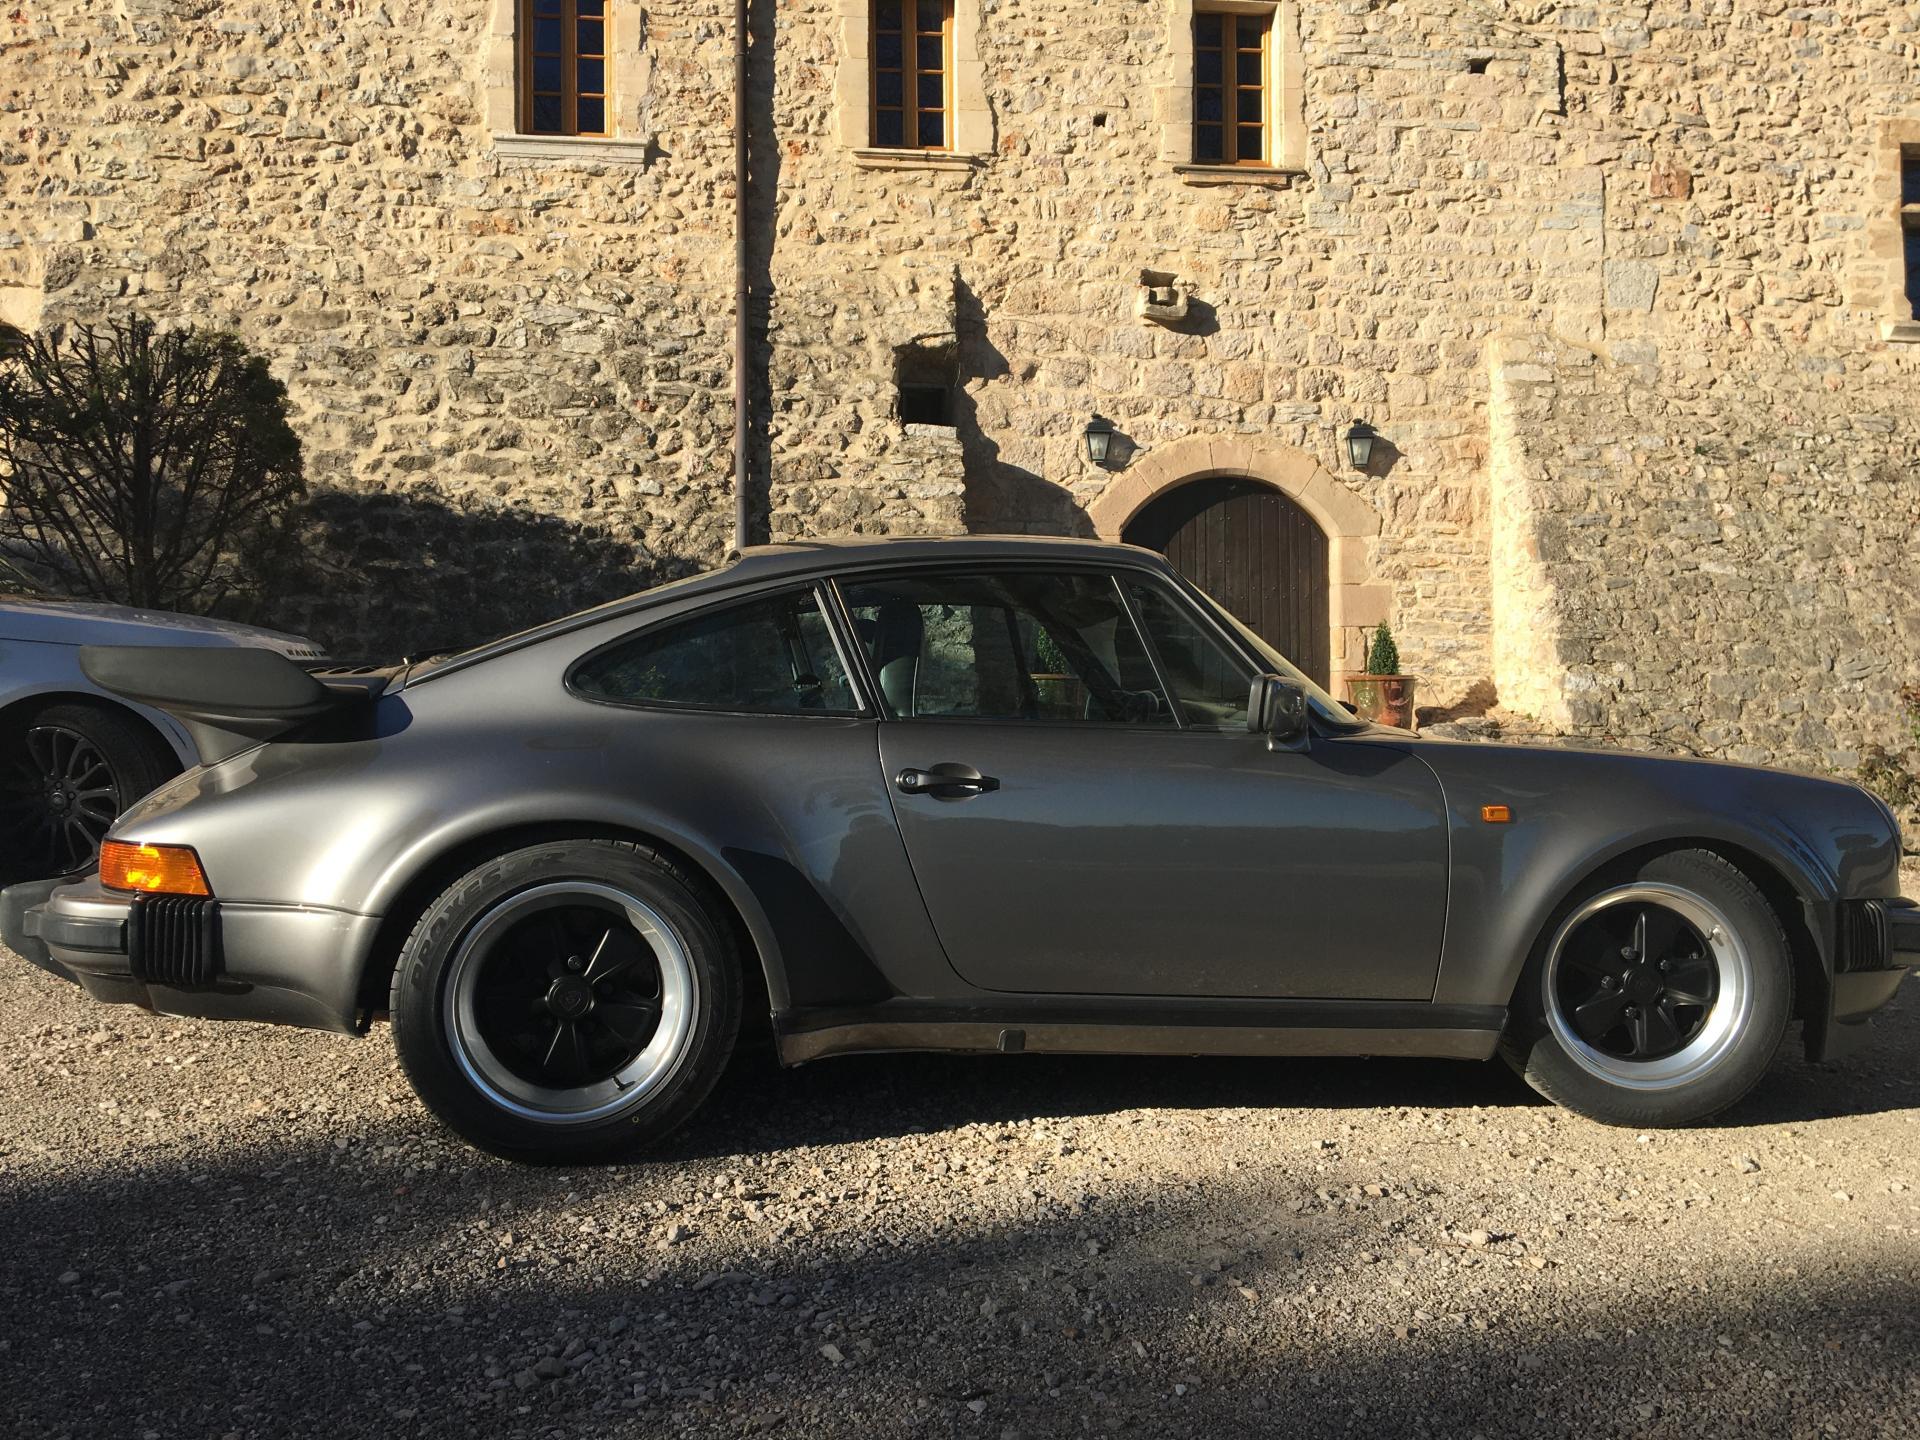 Porsche 930 Turbo 3.3 (Porsche 911 caisses G (1974-1989))